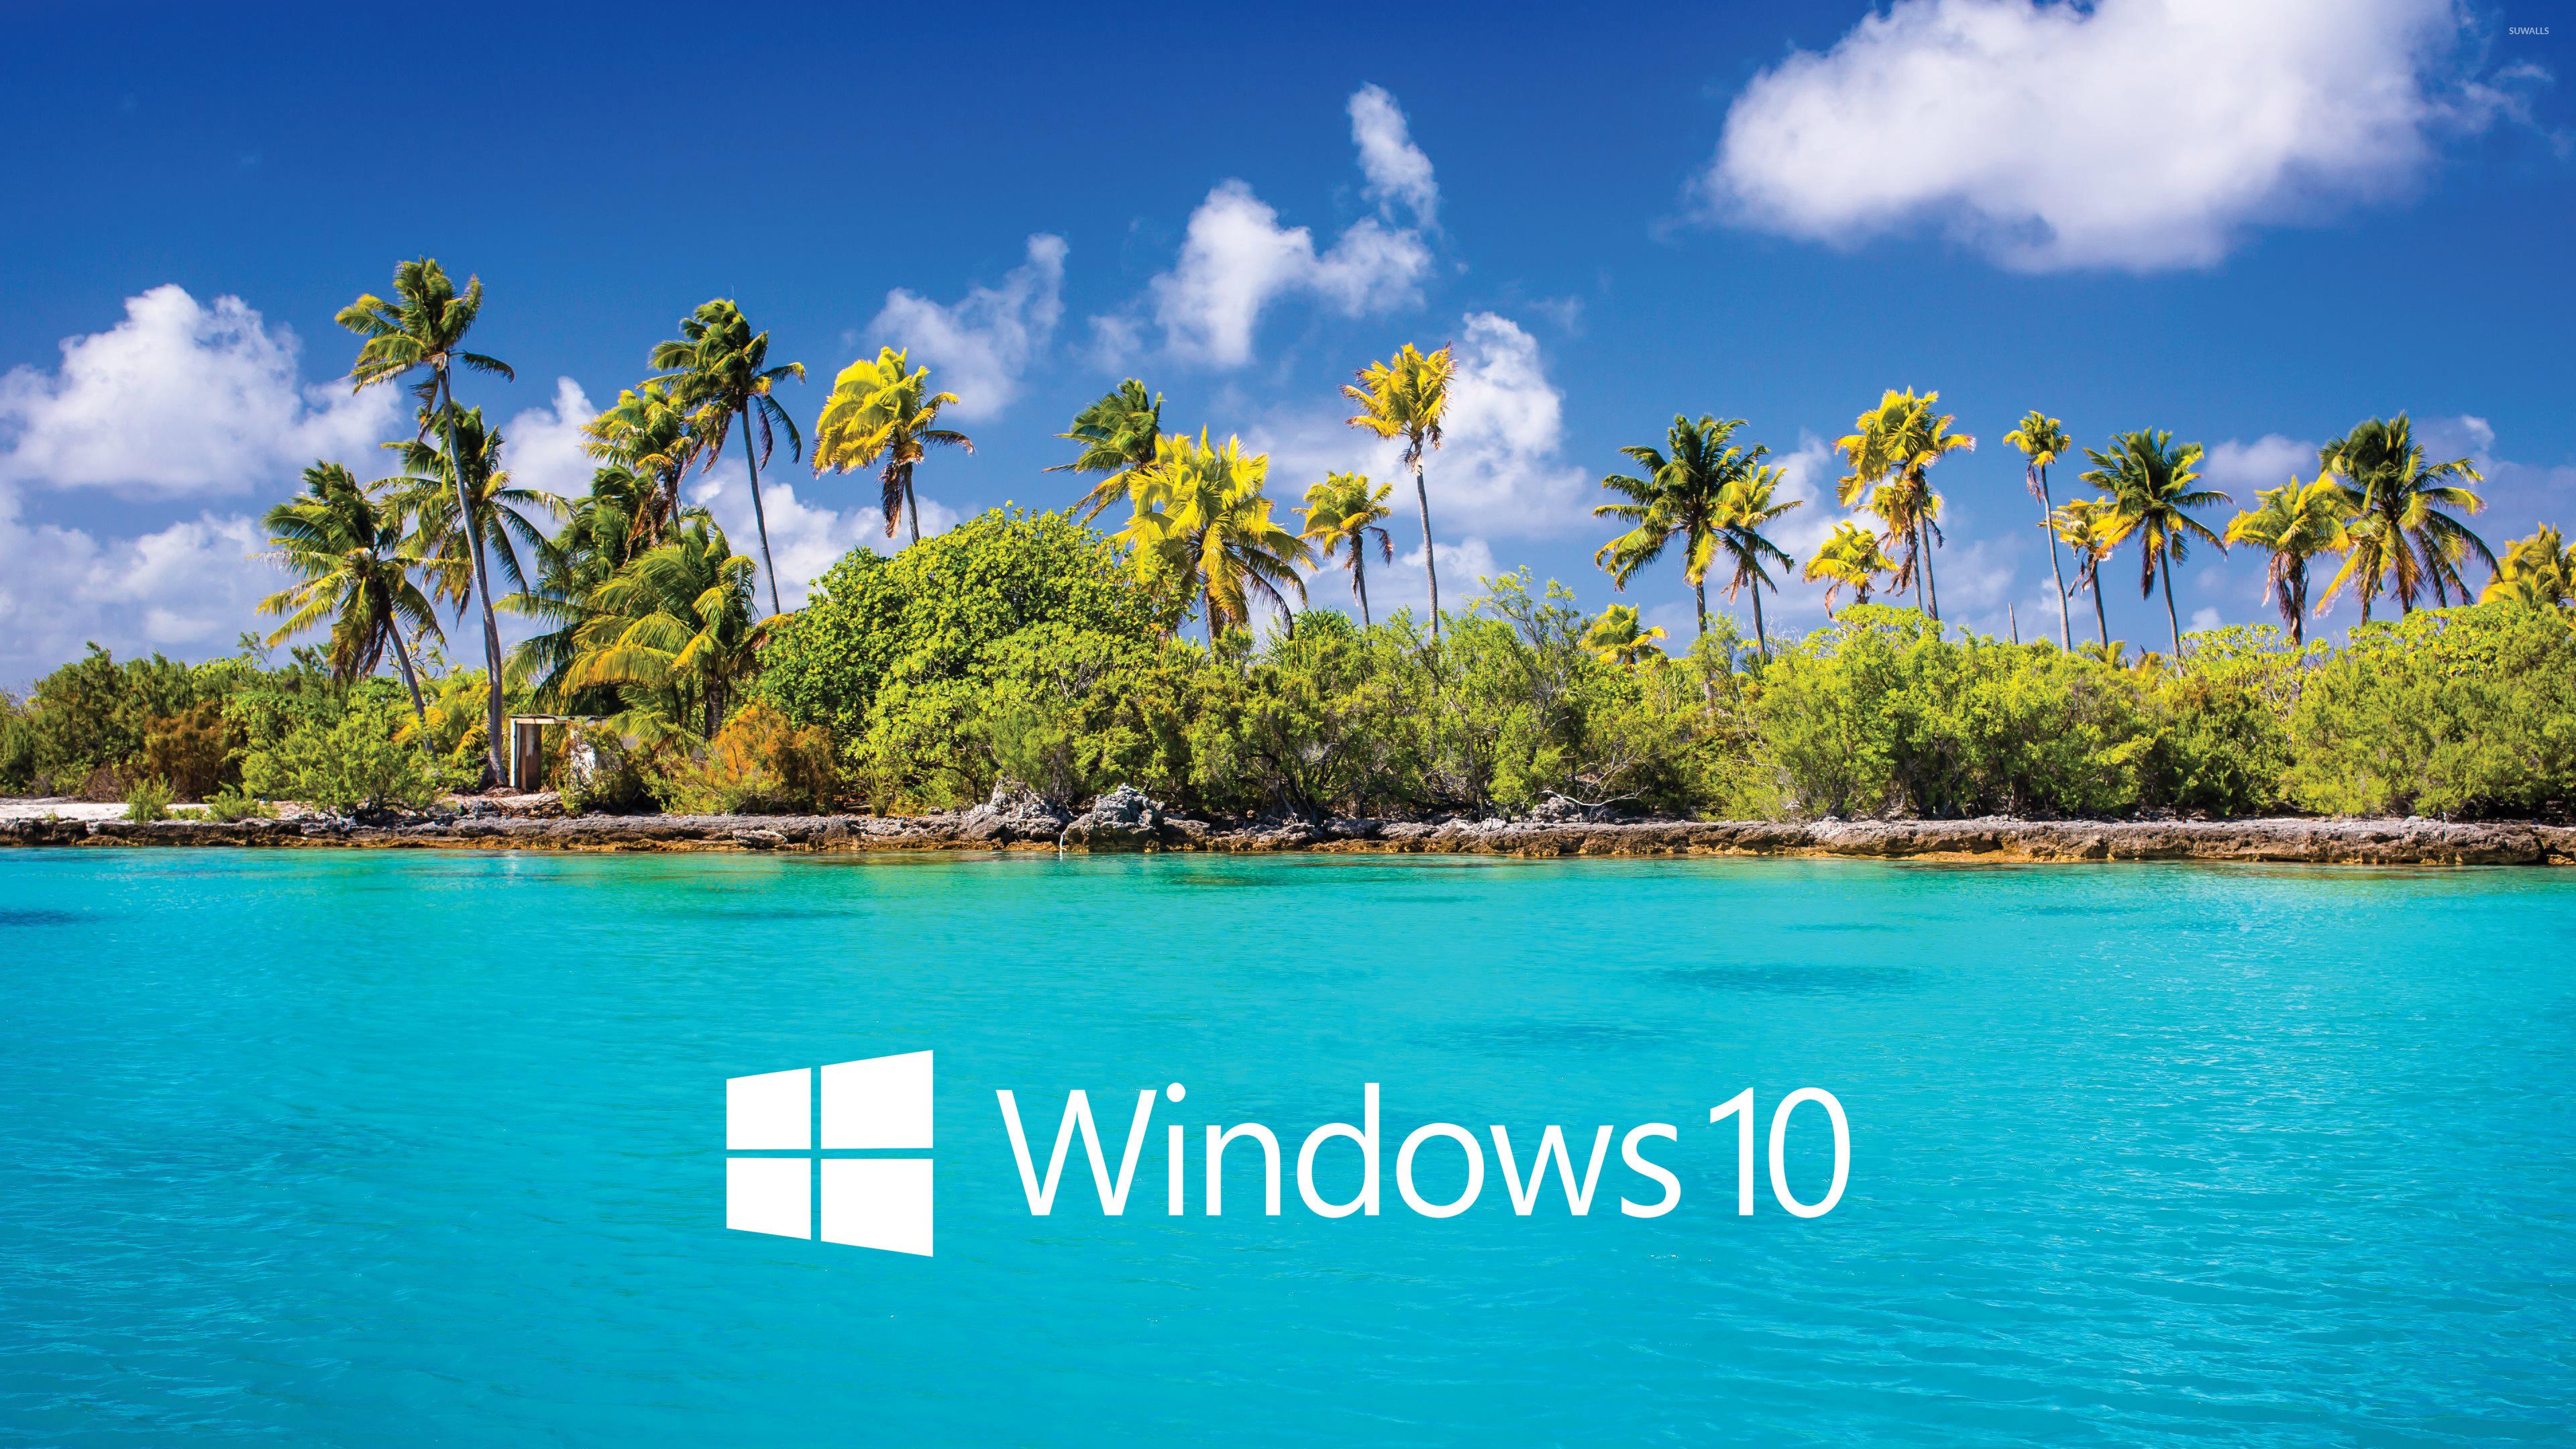 Windows vista logo transparent